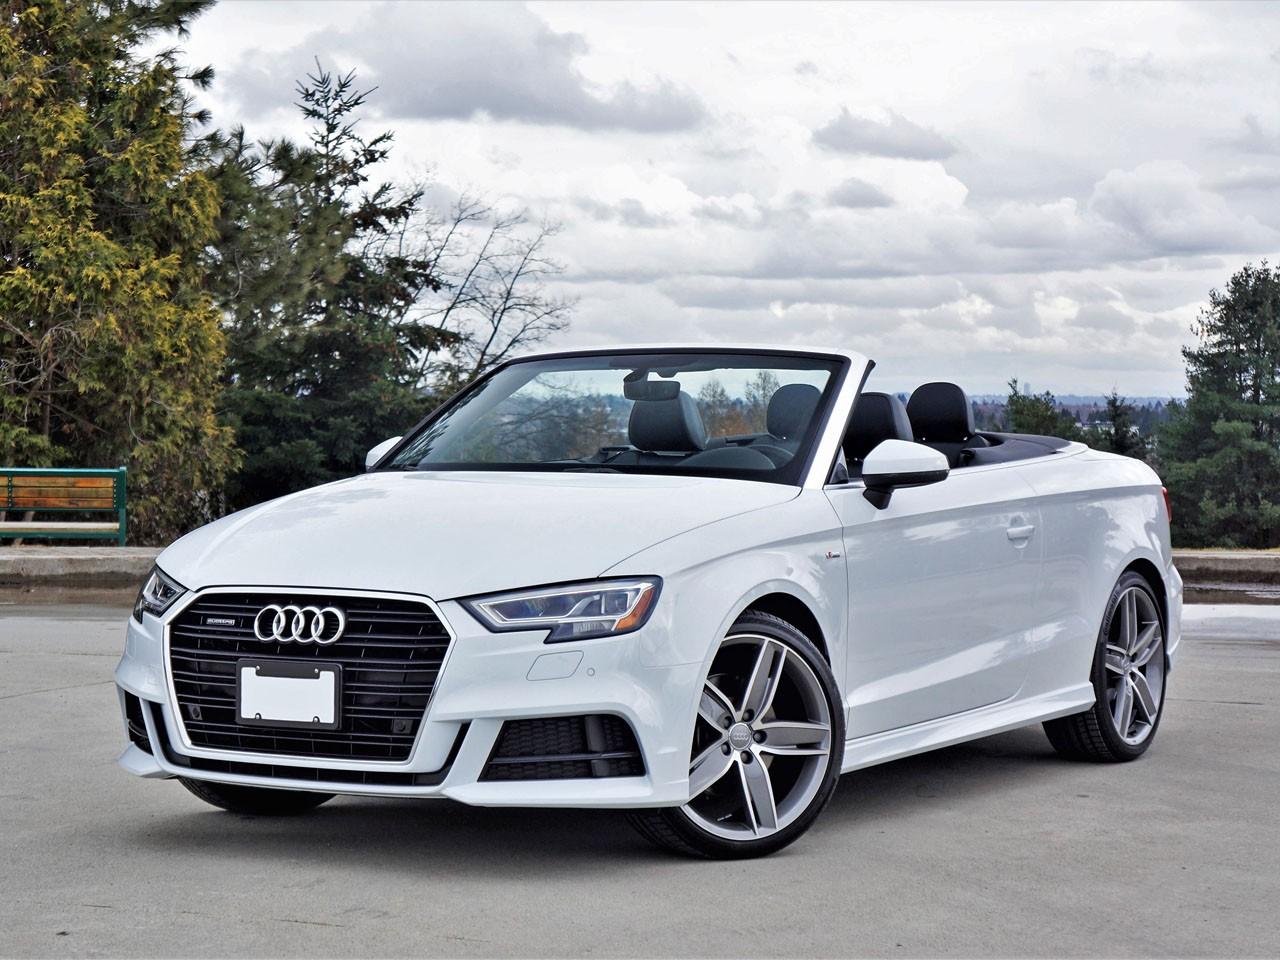 Audi A3 (Convertible ) (manual)